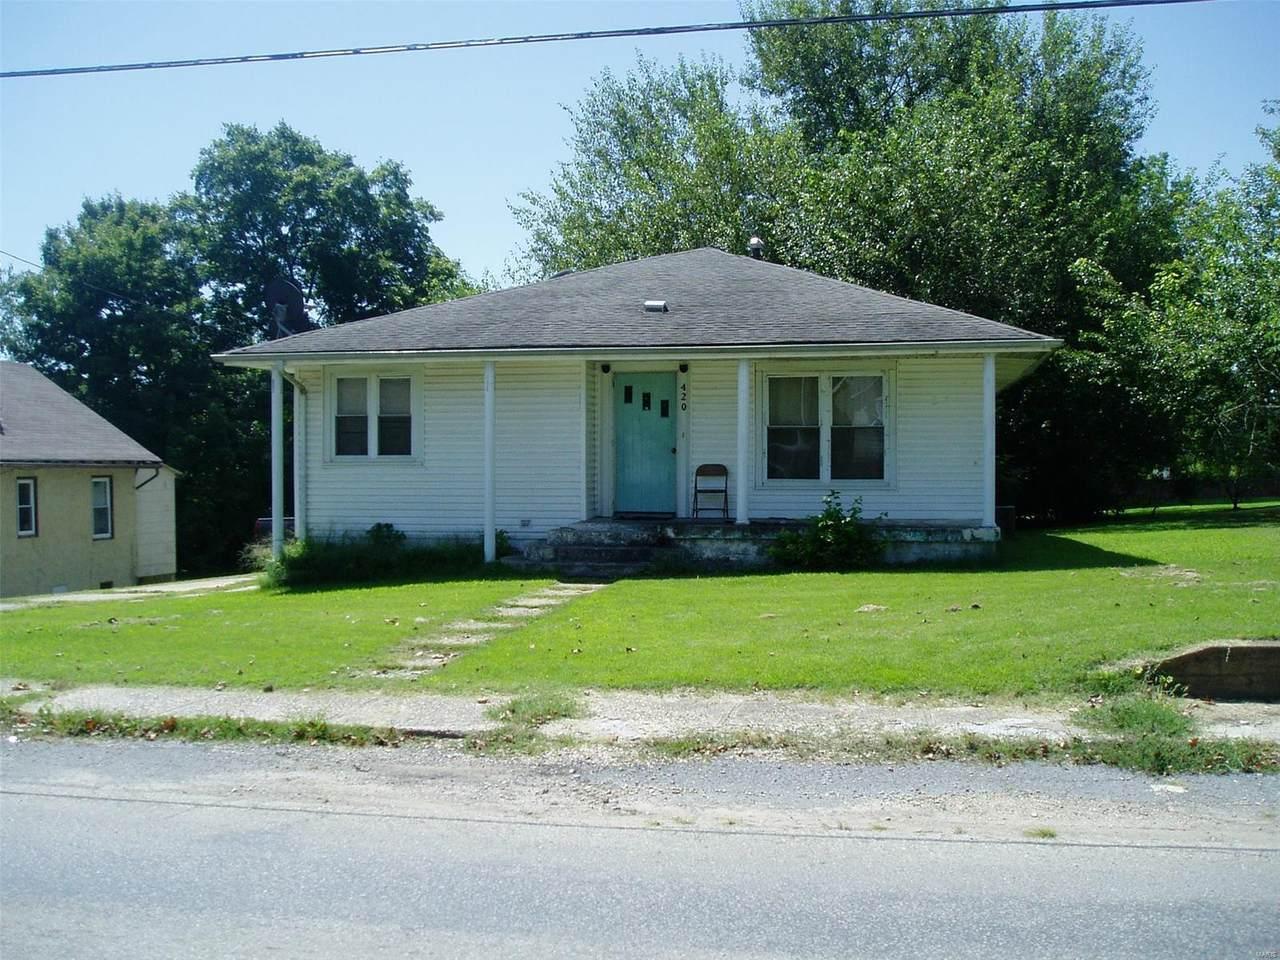 420 Richardson Ave - Photo 1